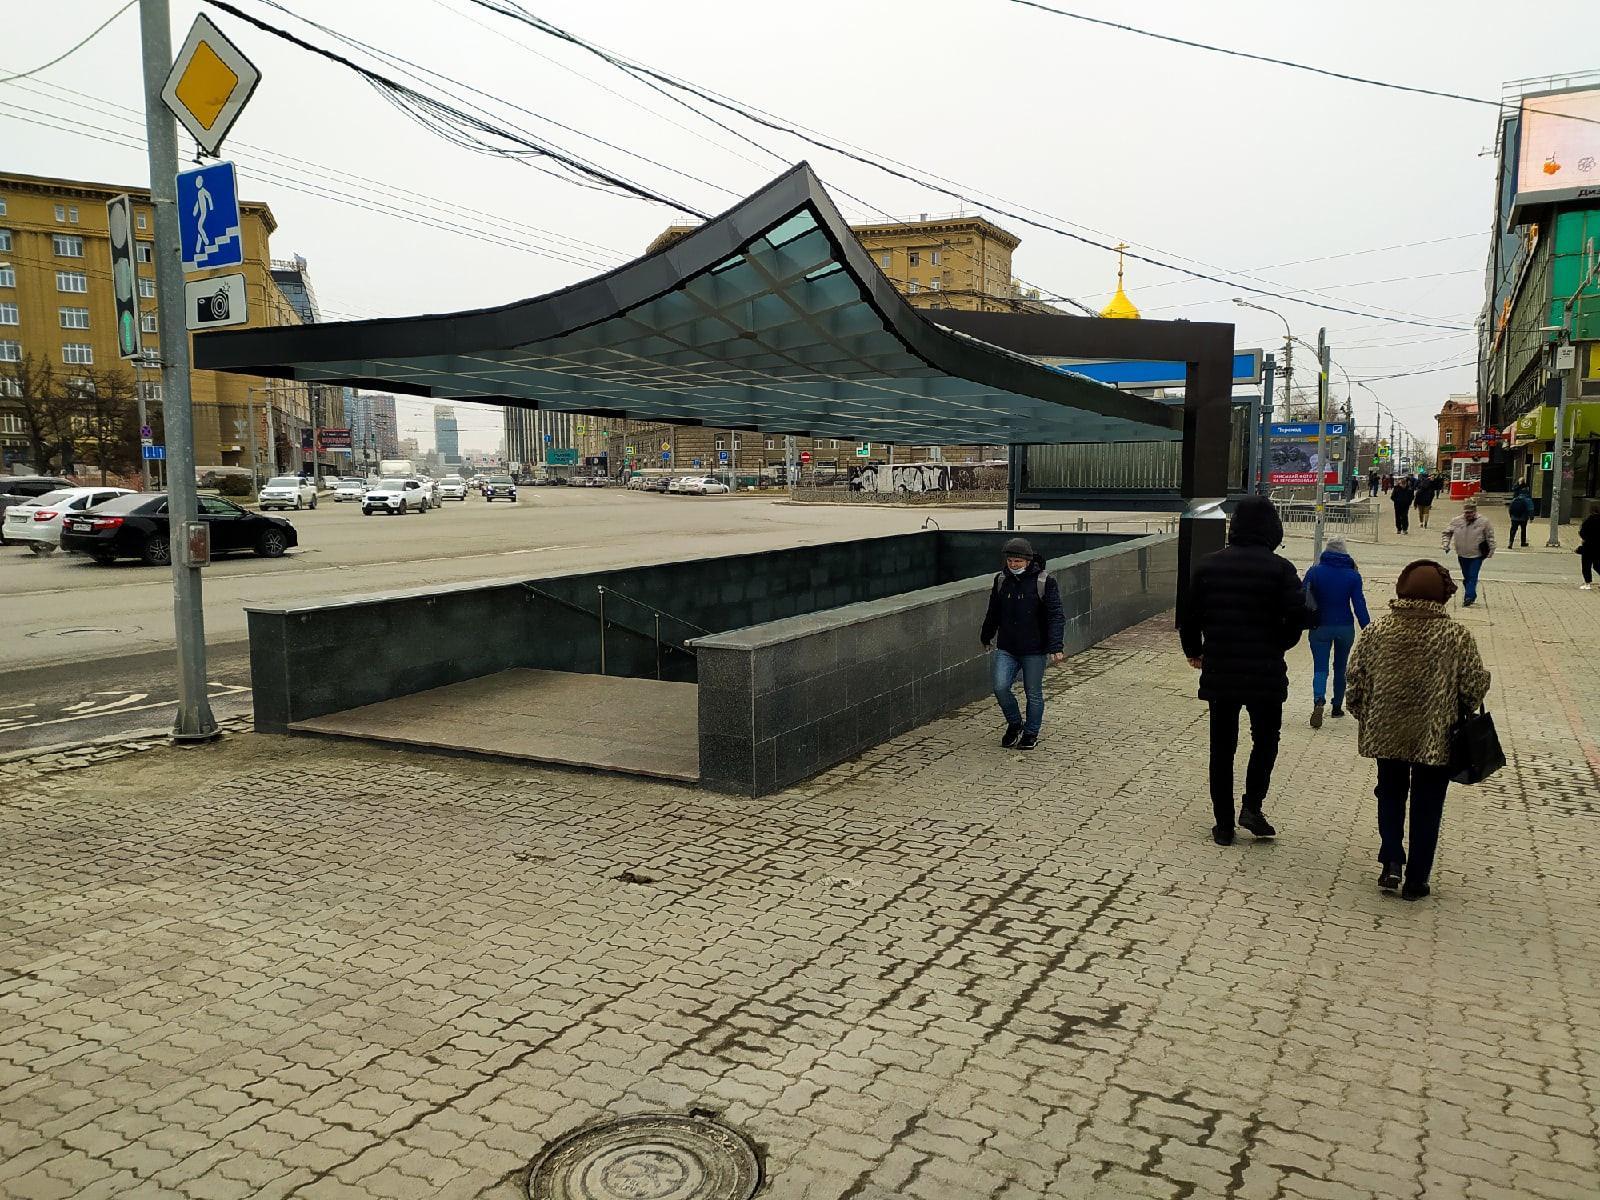 фото Подземный переход открыли на Красном проспекте в Новосибирске: 9 фото после реконструкции 3